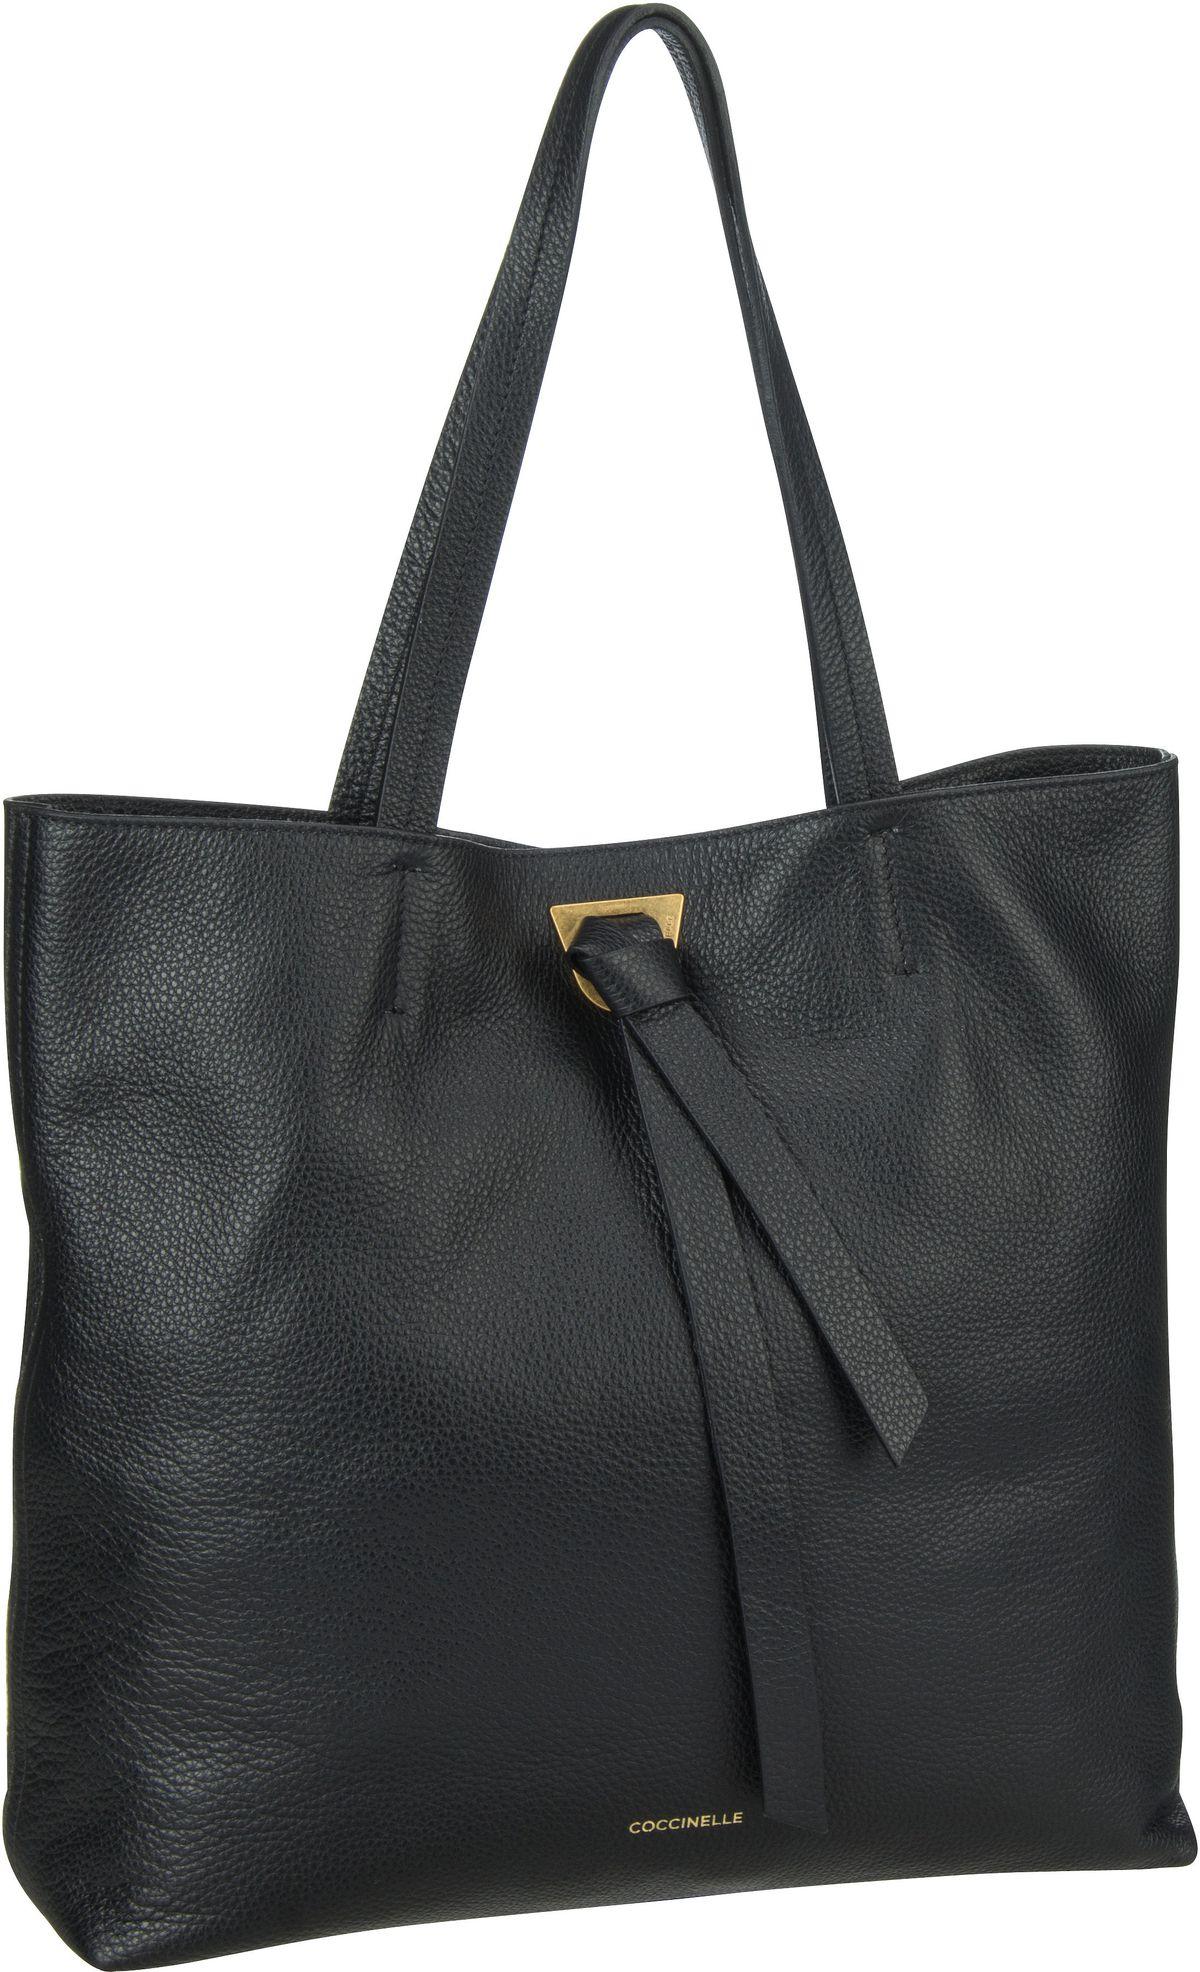 Handtasche Joy 1101 Nero